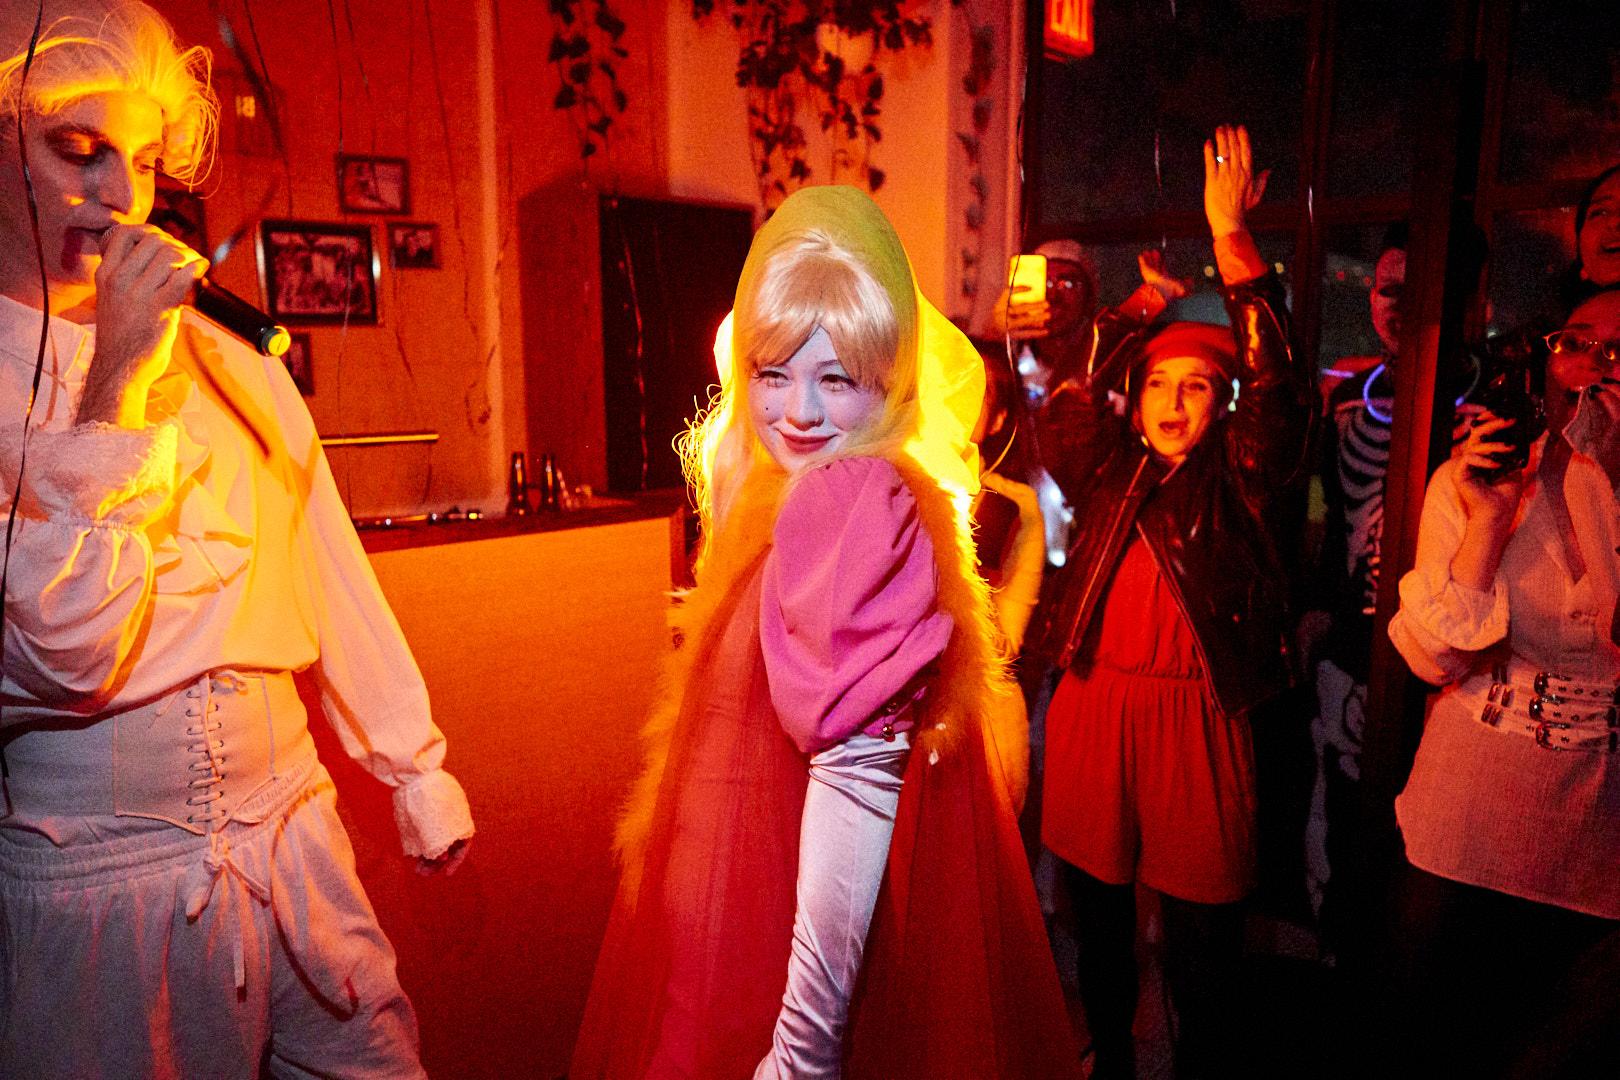 Halloween20191031PhillipAngert - 41.jpeg